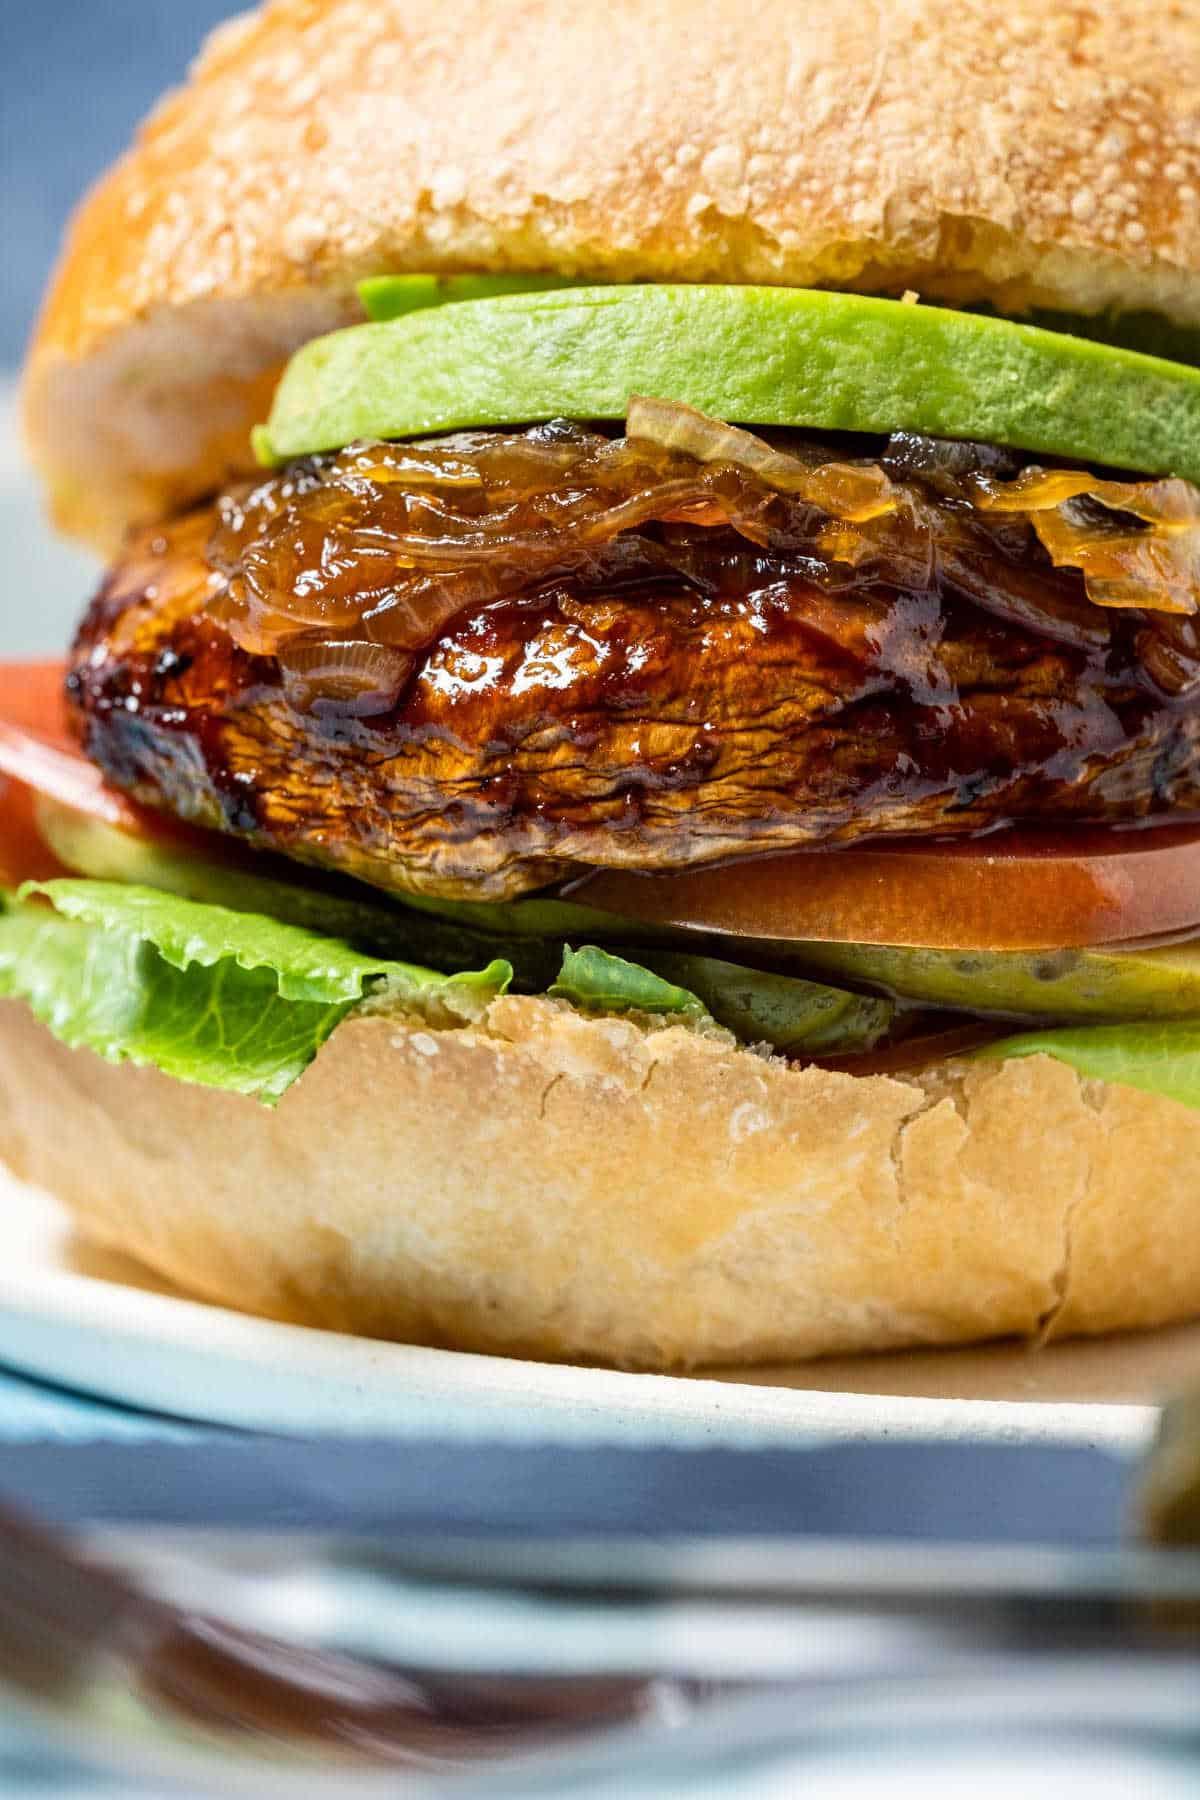 Portobello burger with lettuce, tomato, pickle and avocado on a white plate.